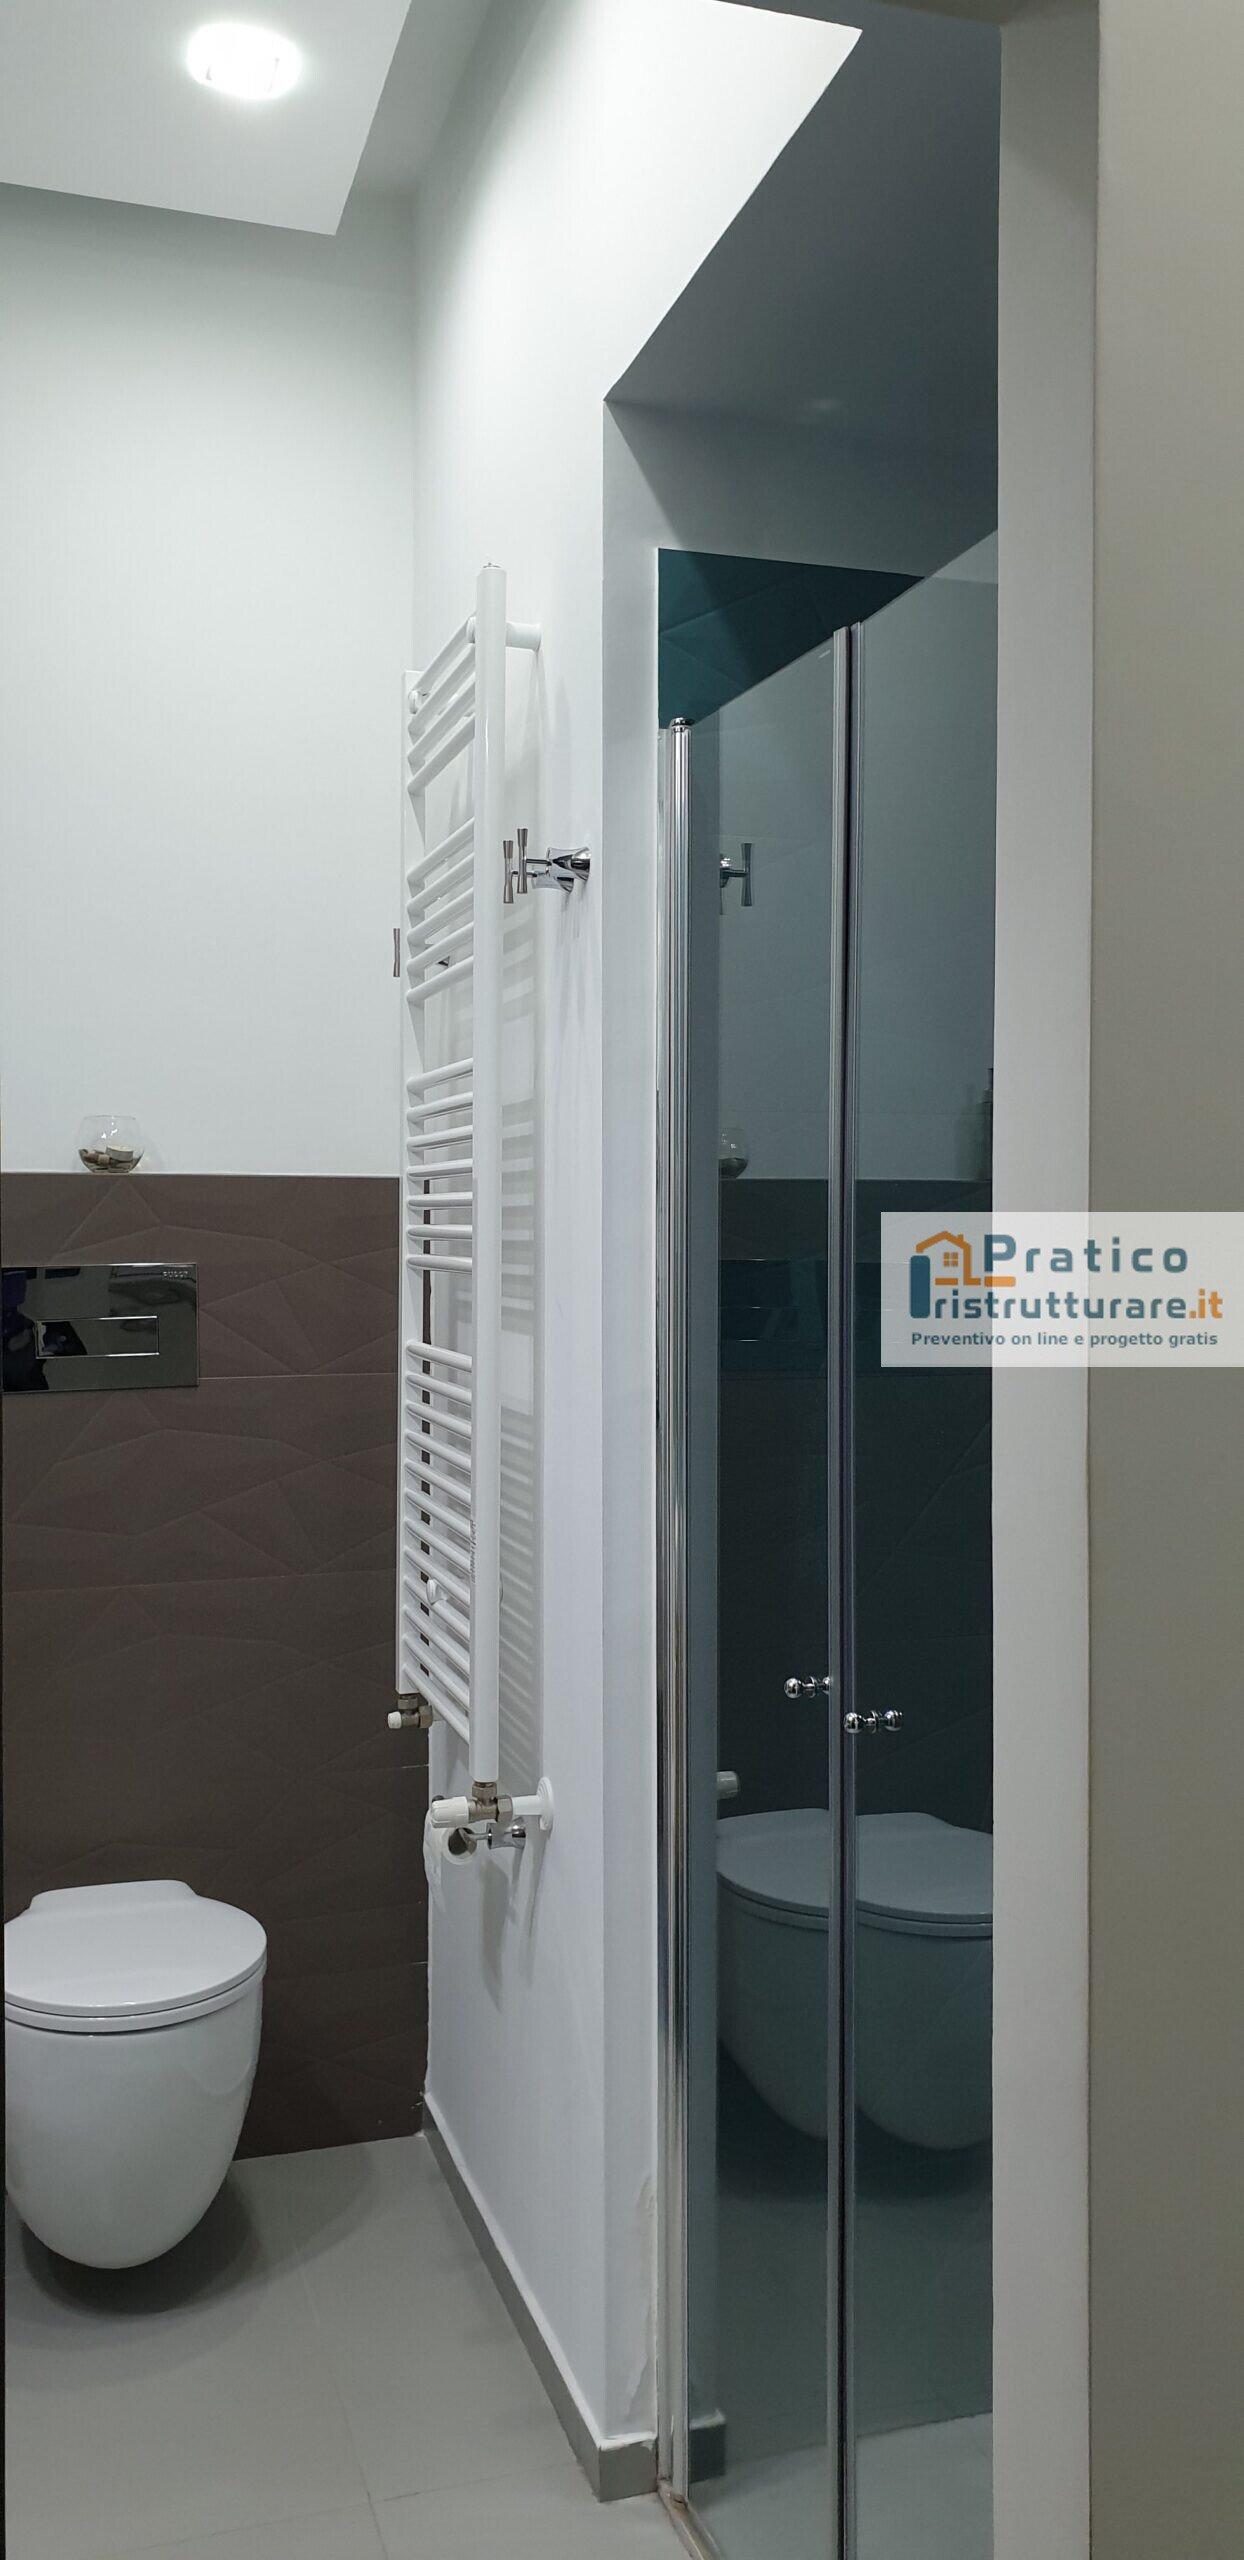 praticoristrutturare_bagno in camera4